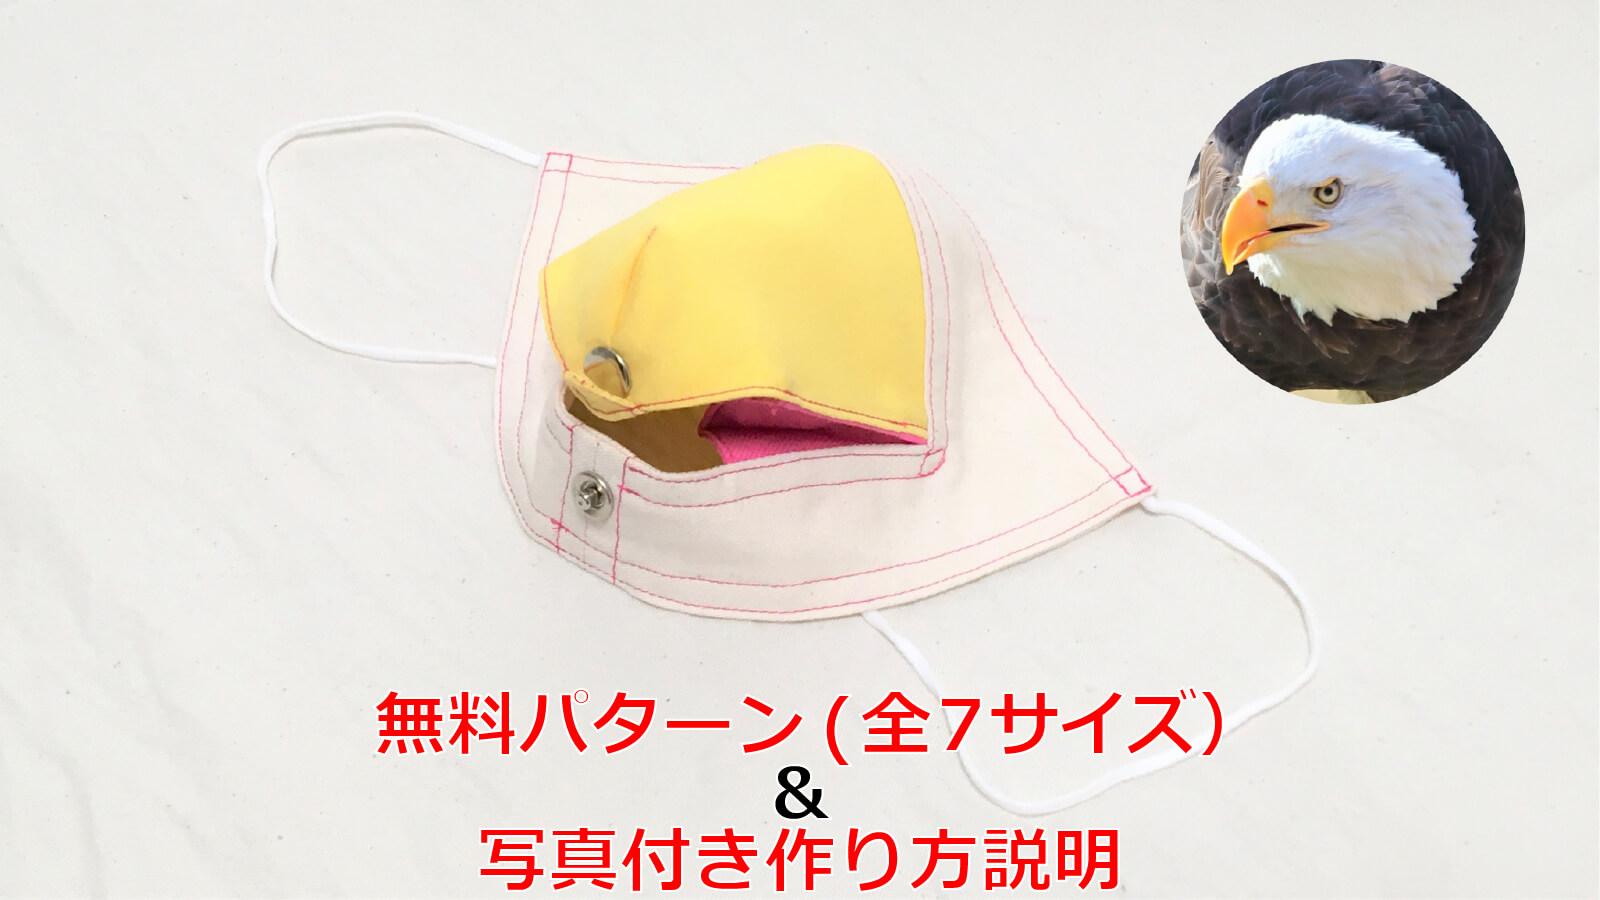 パロットマスクAの製品と鳥の写真